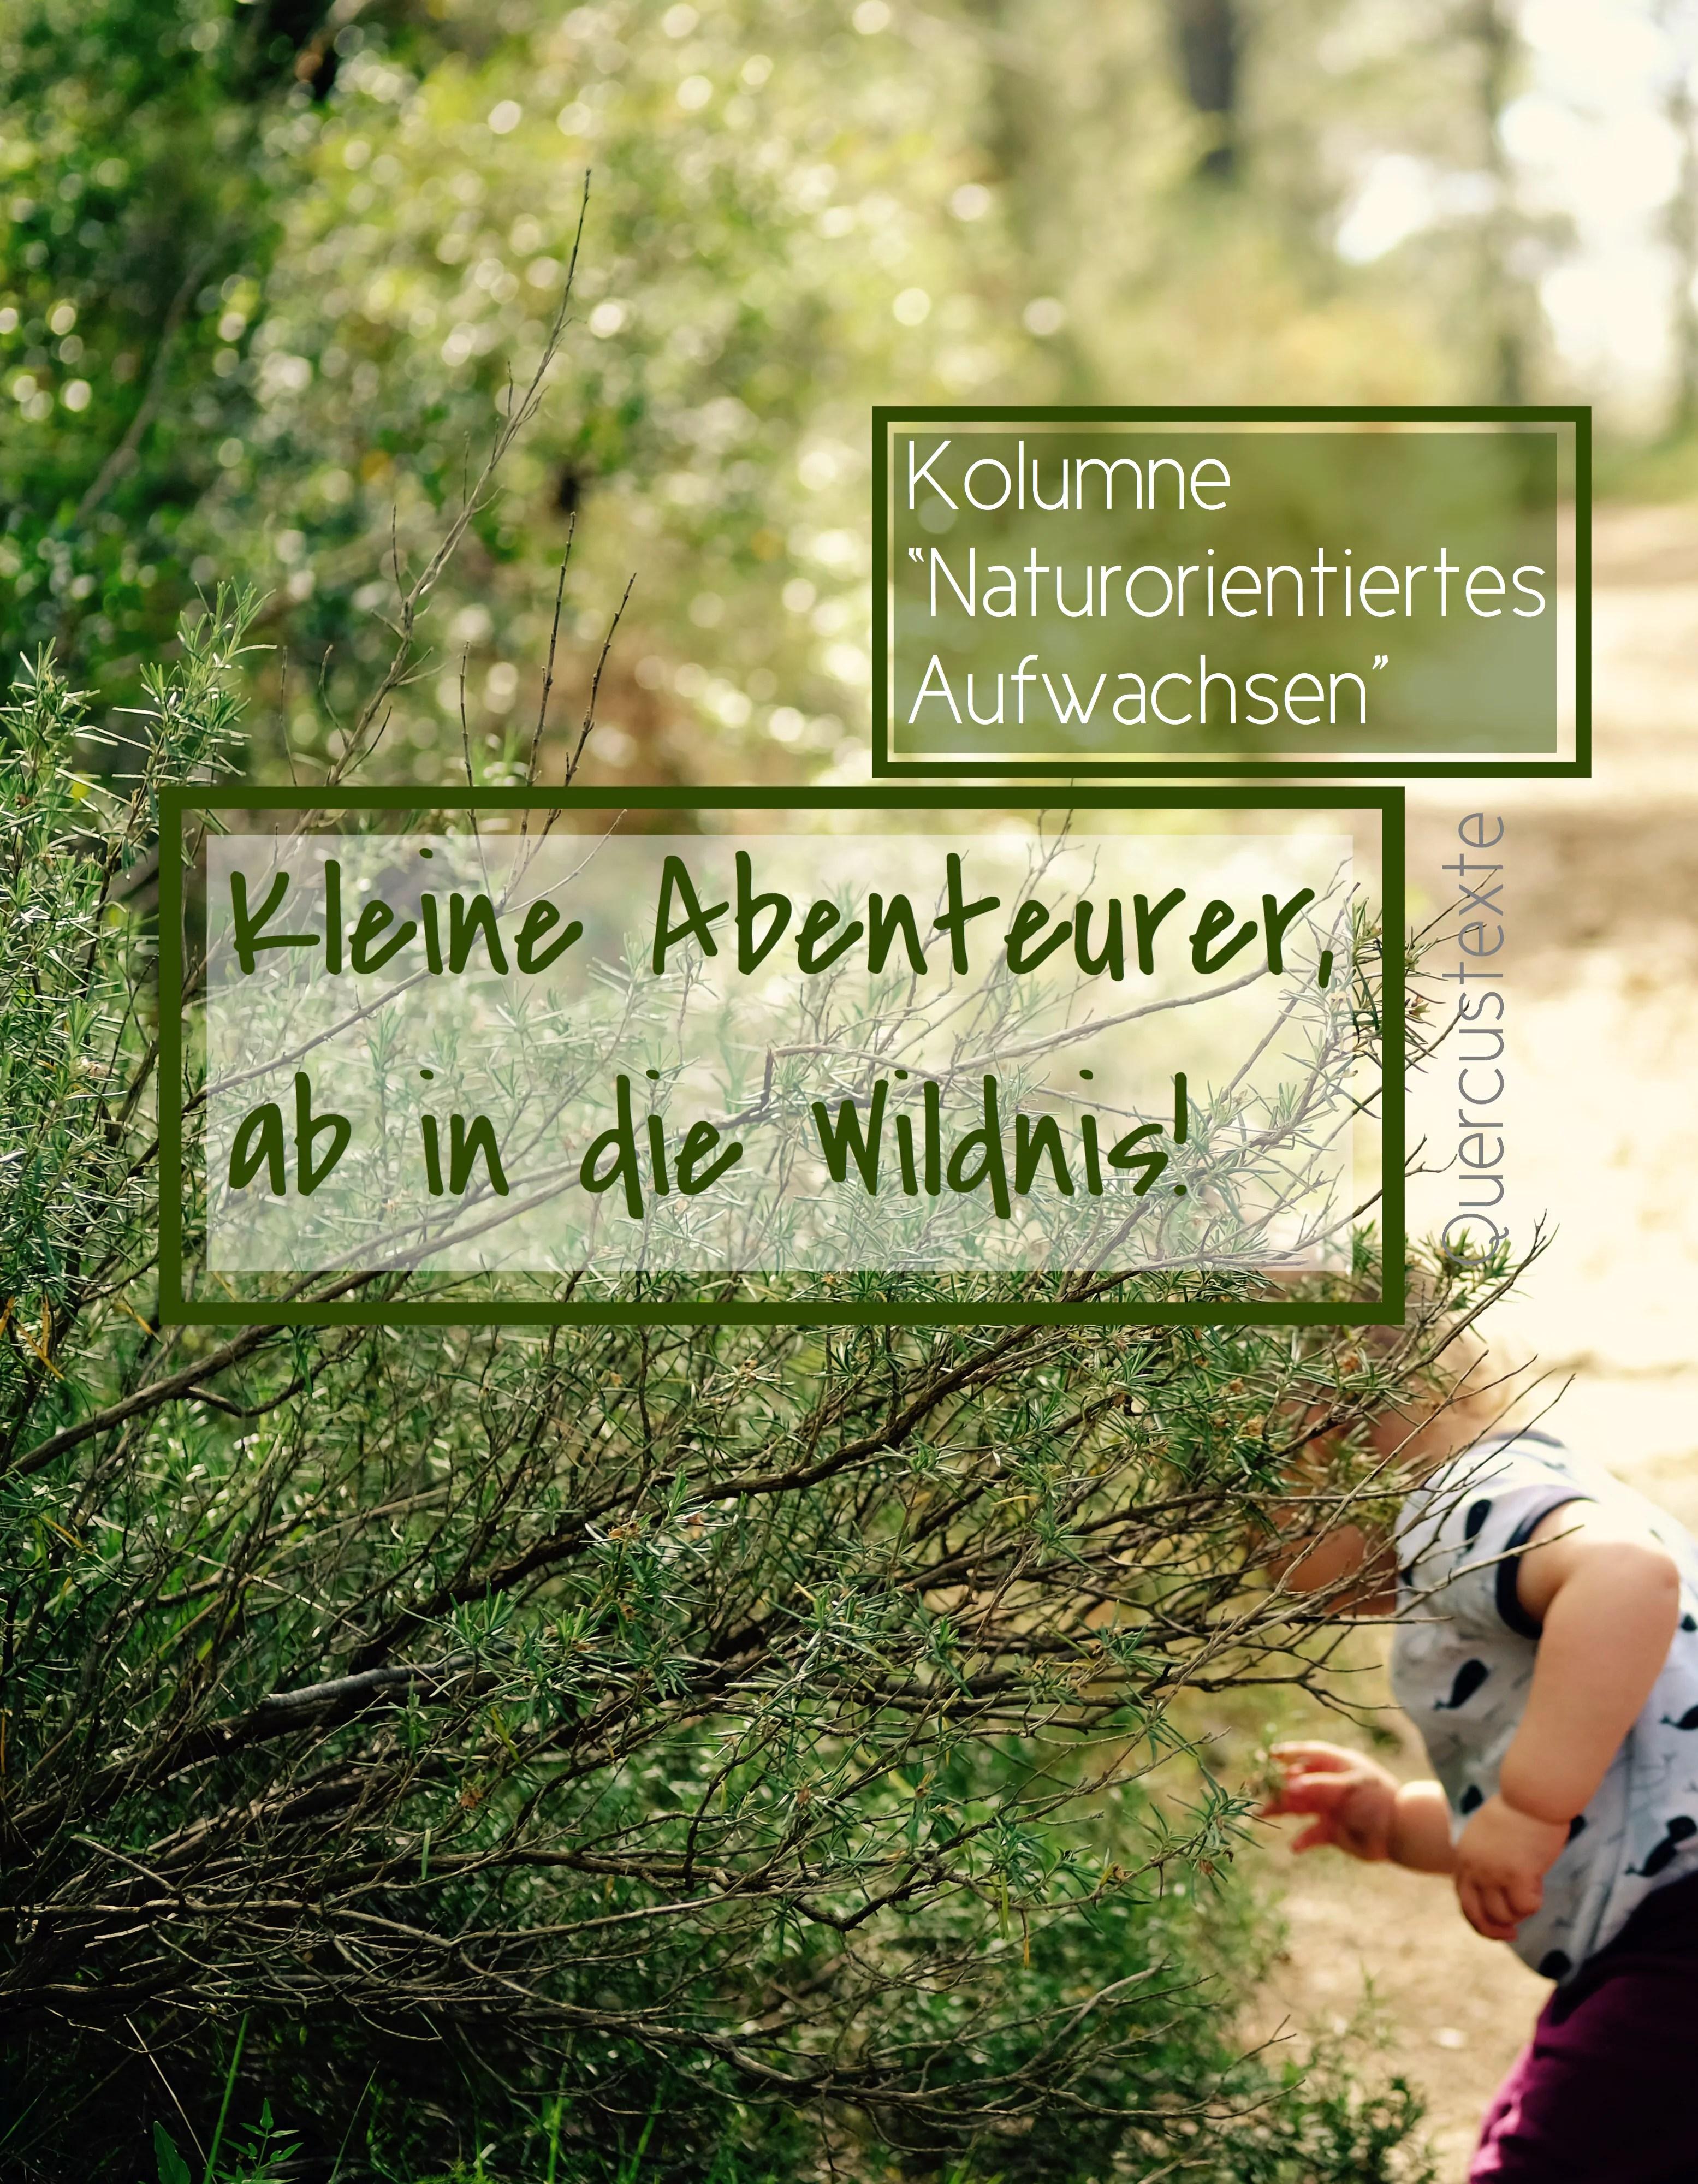 """""""Naturorientiertes Aufwachsen"""" – neue Kolumne startet heute"""